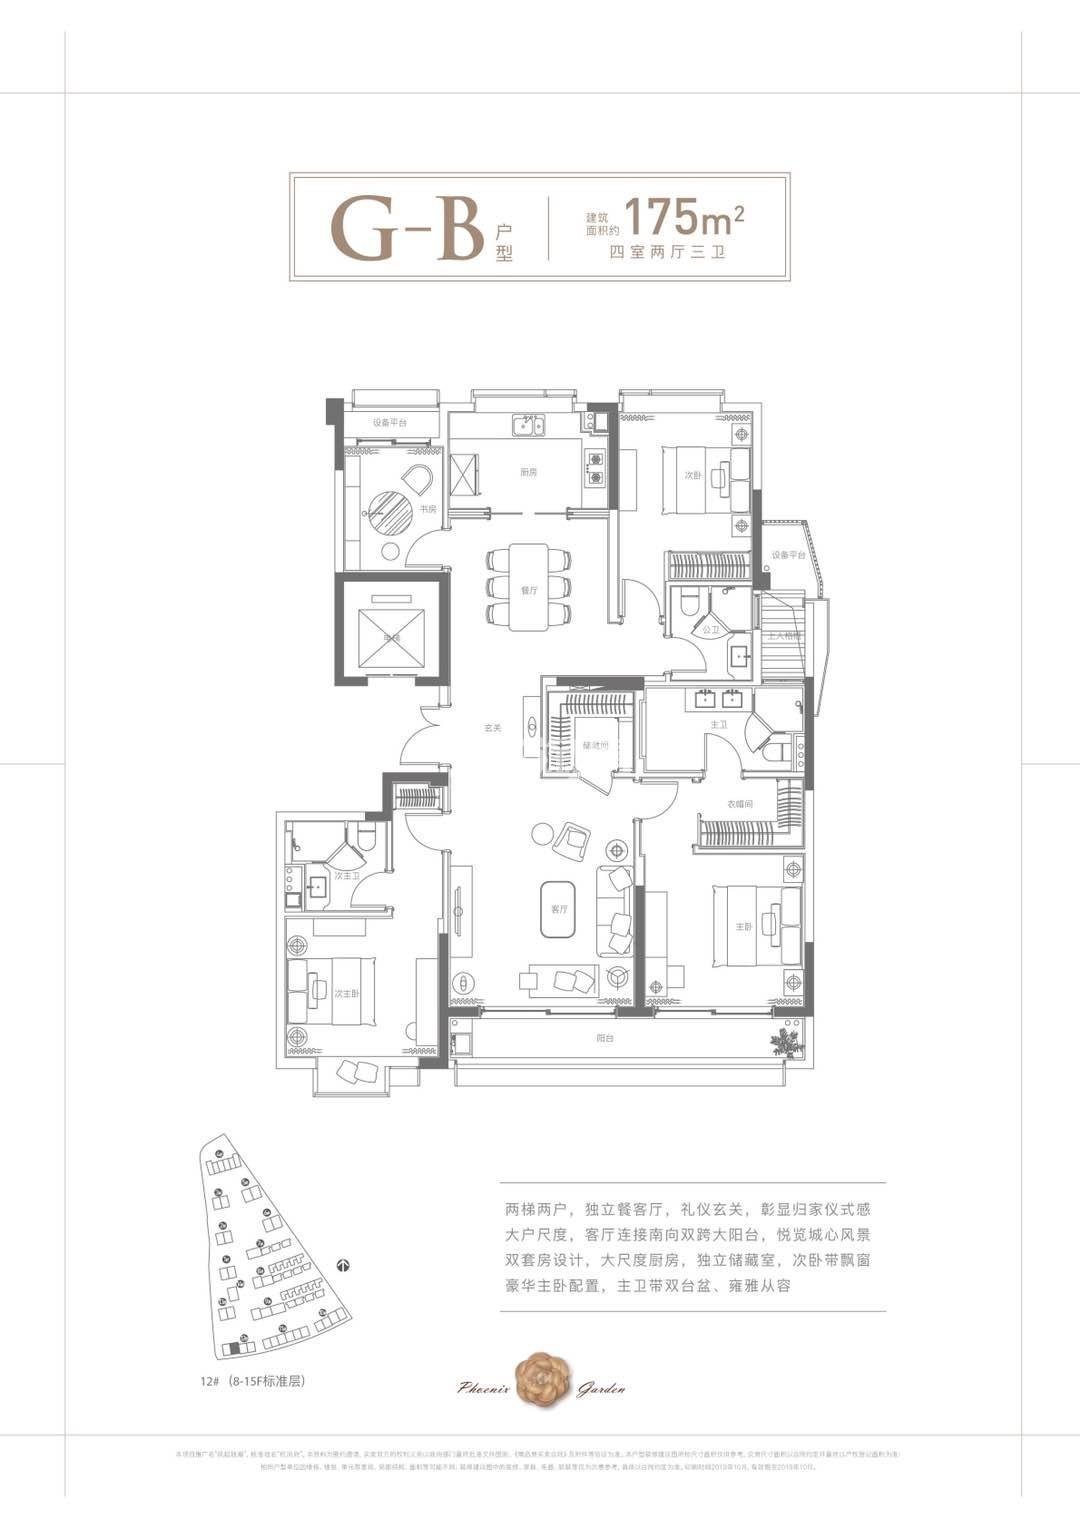 凤起钱潮G-B户型175方12#8-15F